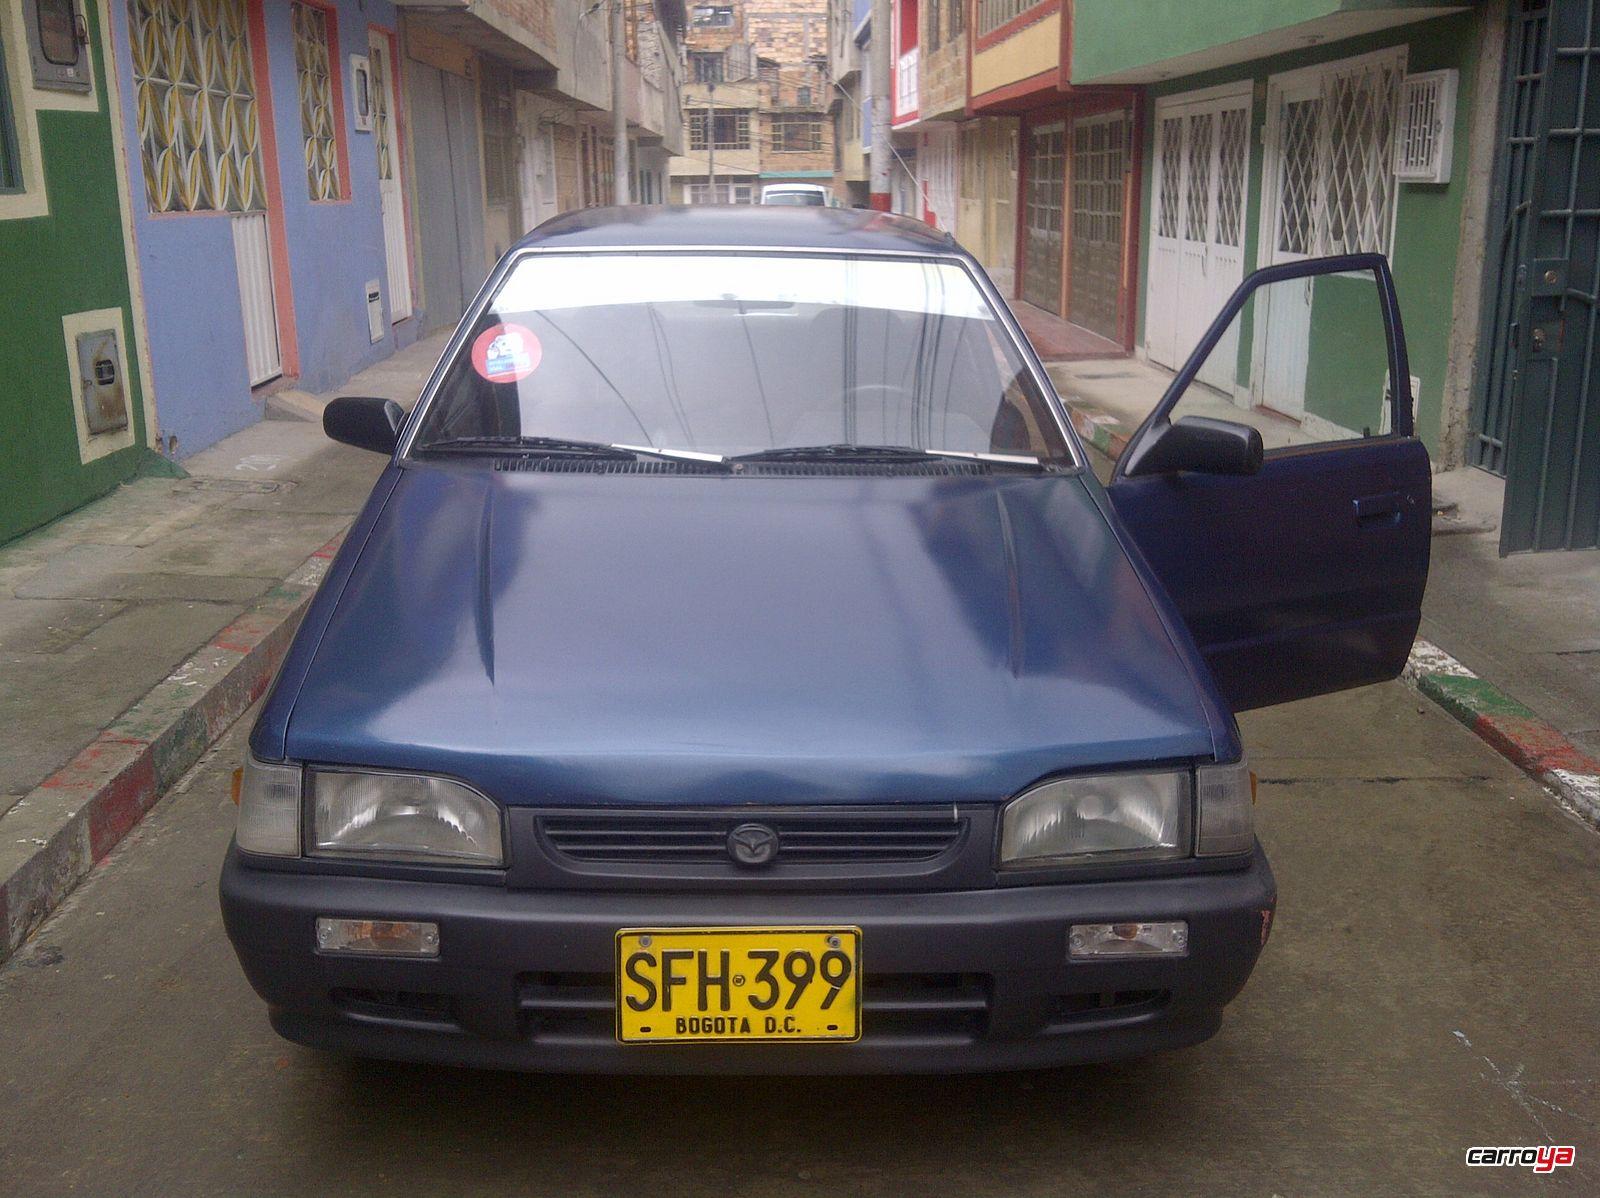 Mazda 323 1300 1989 usado en Venta - BOGOTA - 1451644 - www.carroya ...